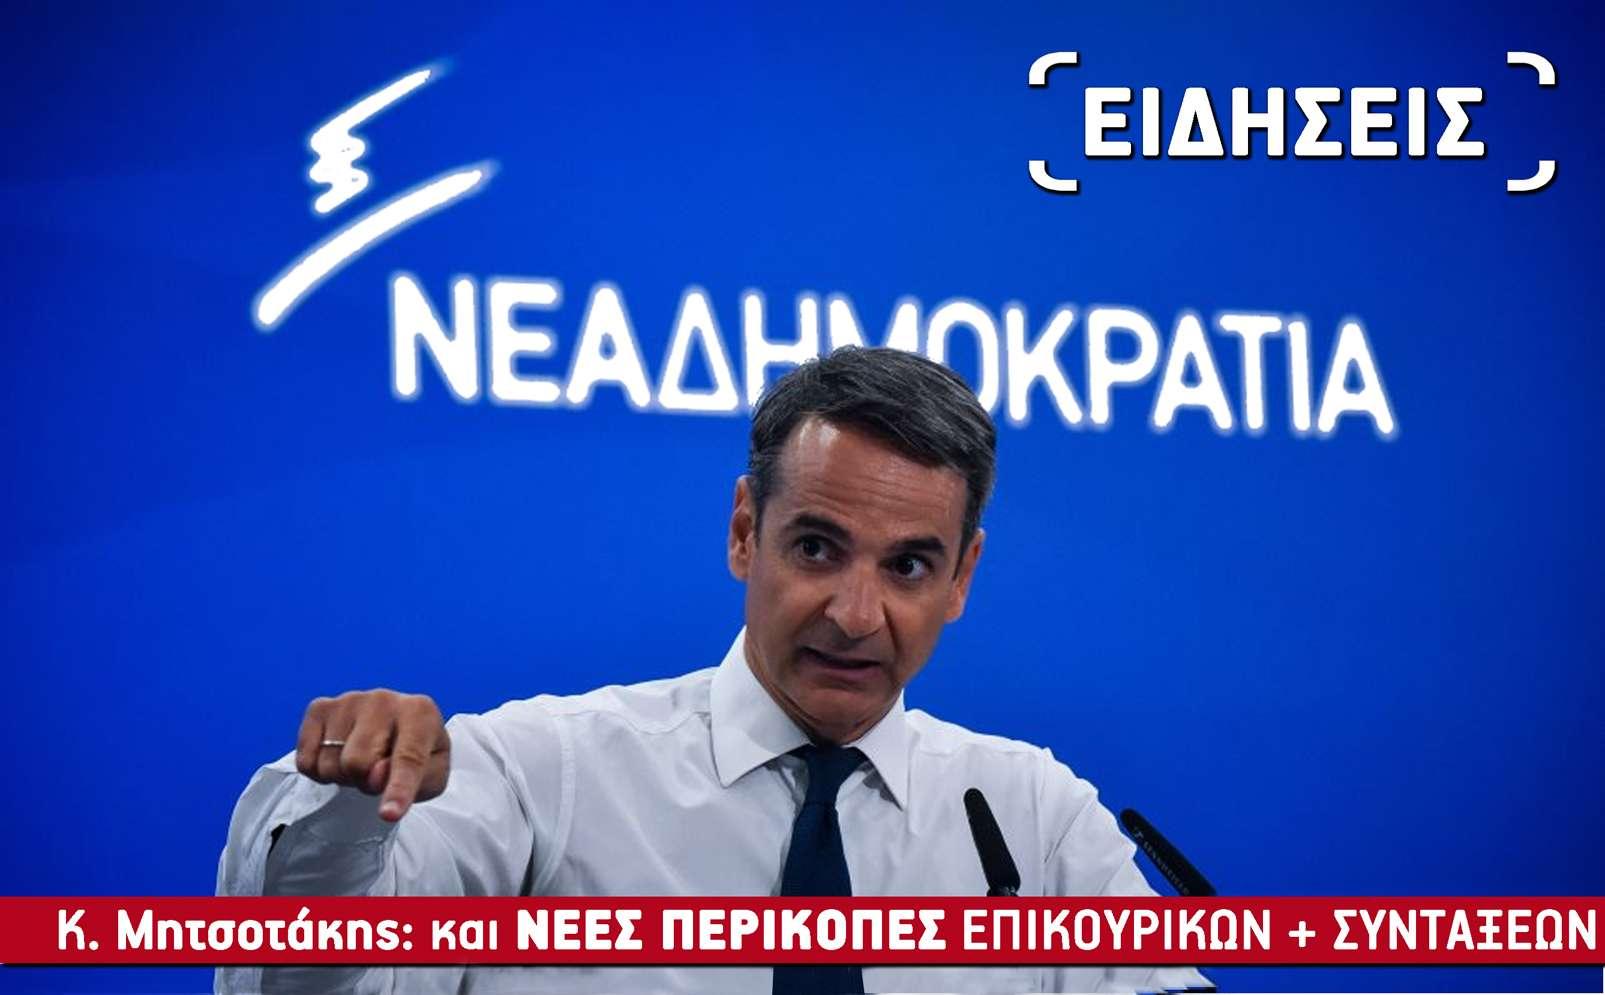 Μητροτάκης ΝΔ Νέο Ασφαλιστικό